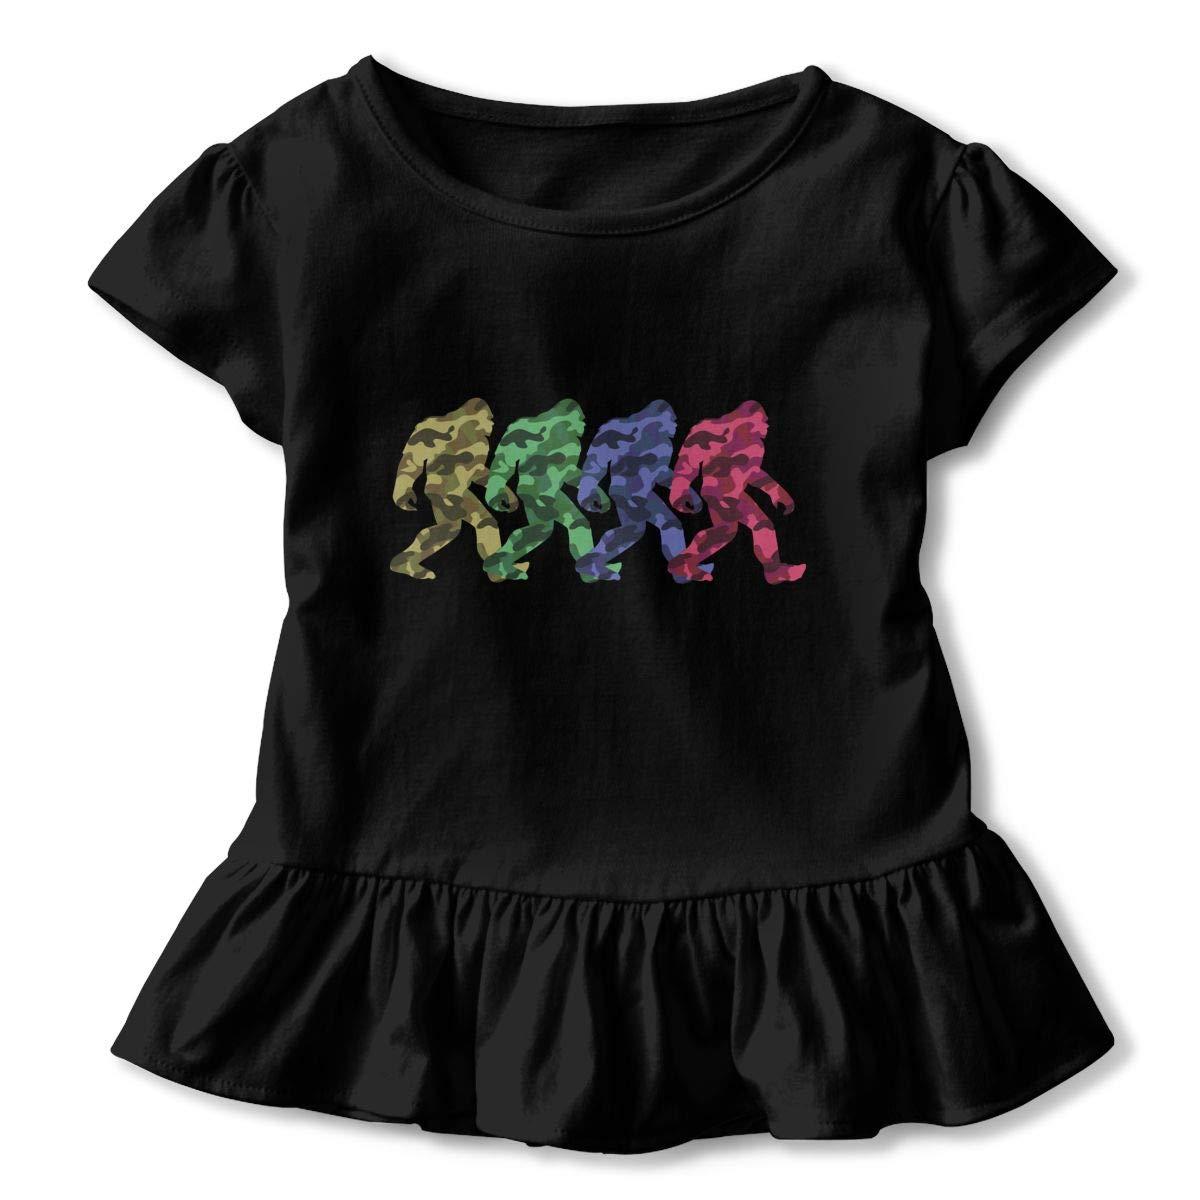 Bigfoot CamoSquatch Baby Girls Summer Dress Outfits Ruffle Short T-Shirt Romper Dress,One-Piece Jumpsuit